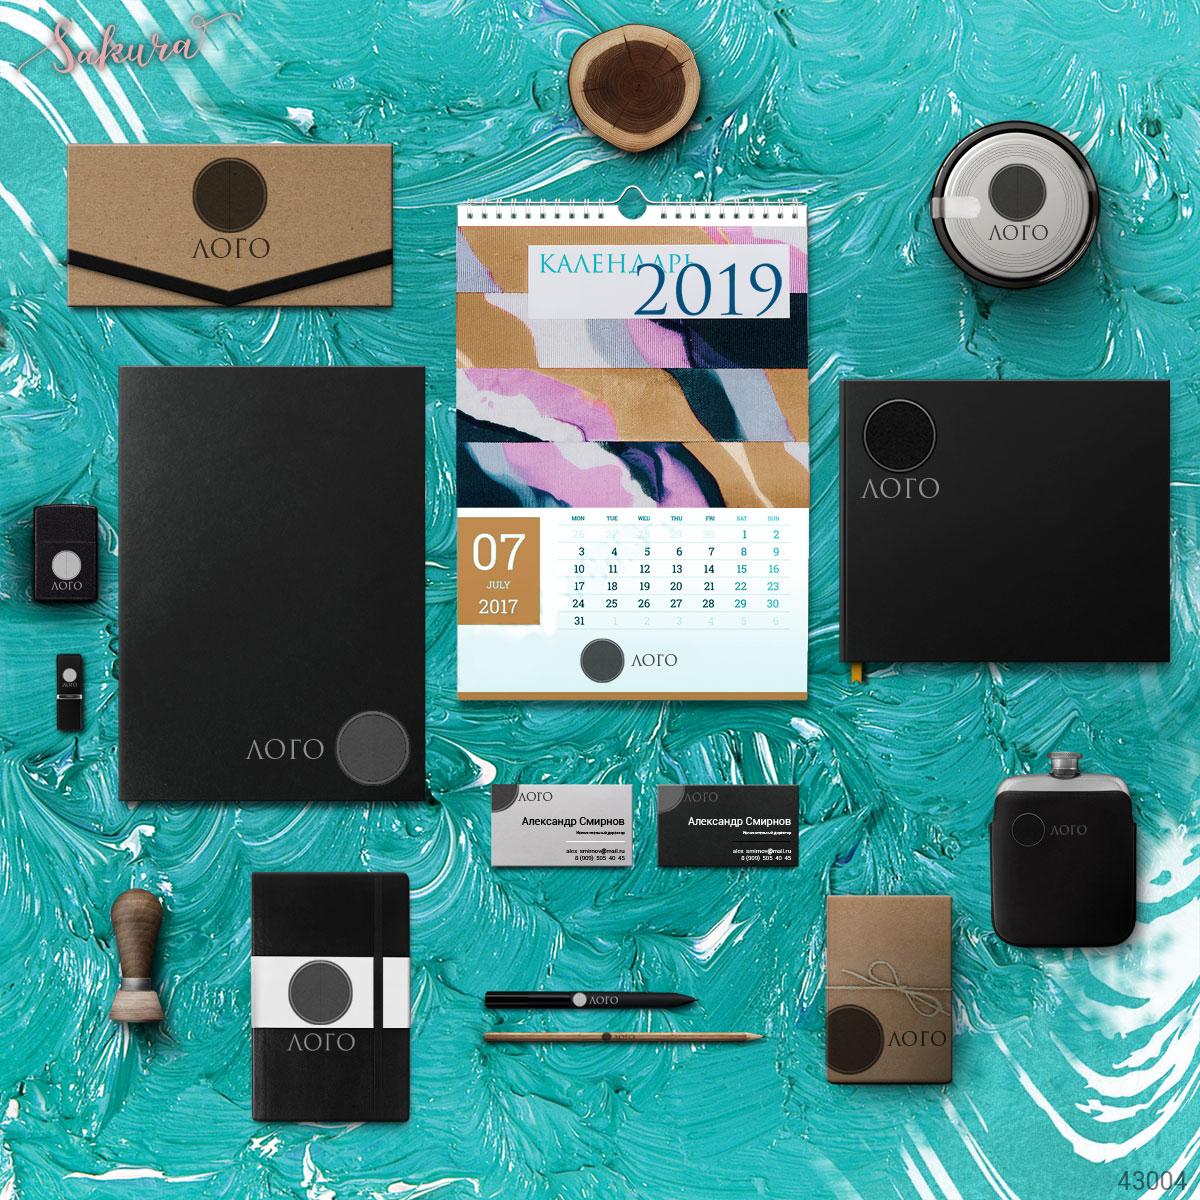 Корпоративные аксессуары - Книга почетного гостя, ежедневник, блокнот, крафт конверт, скетч-бук, фляга с логотипом, флешка с логотипом.